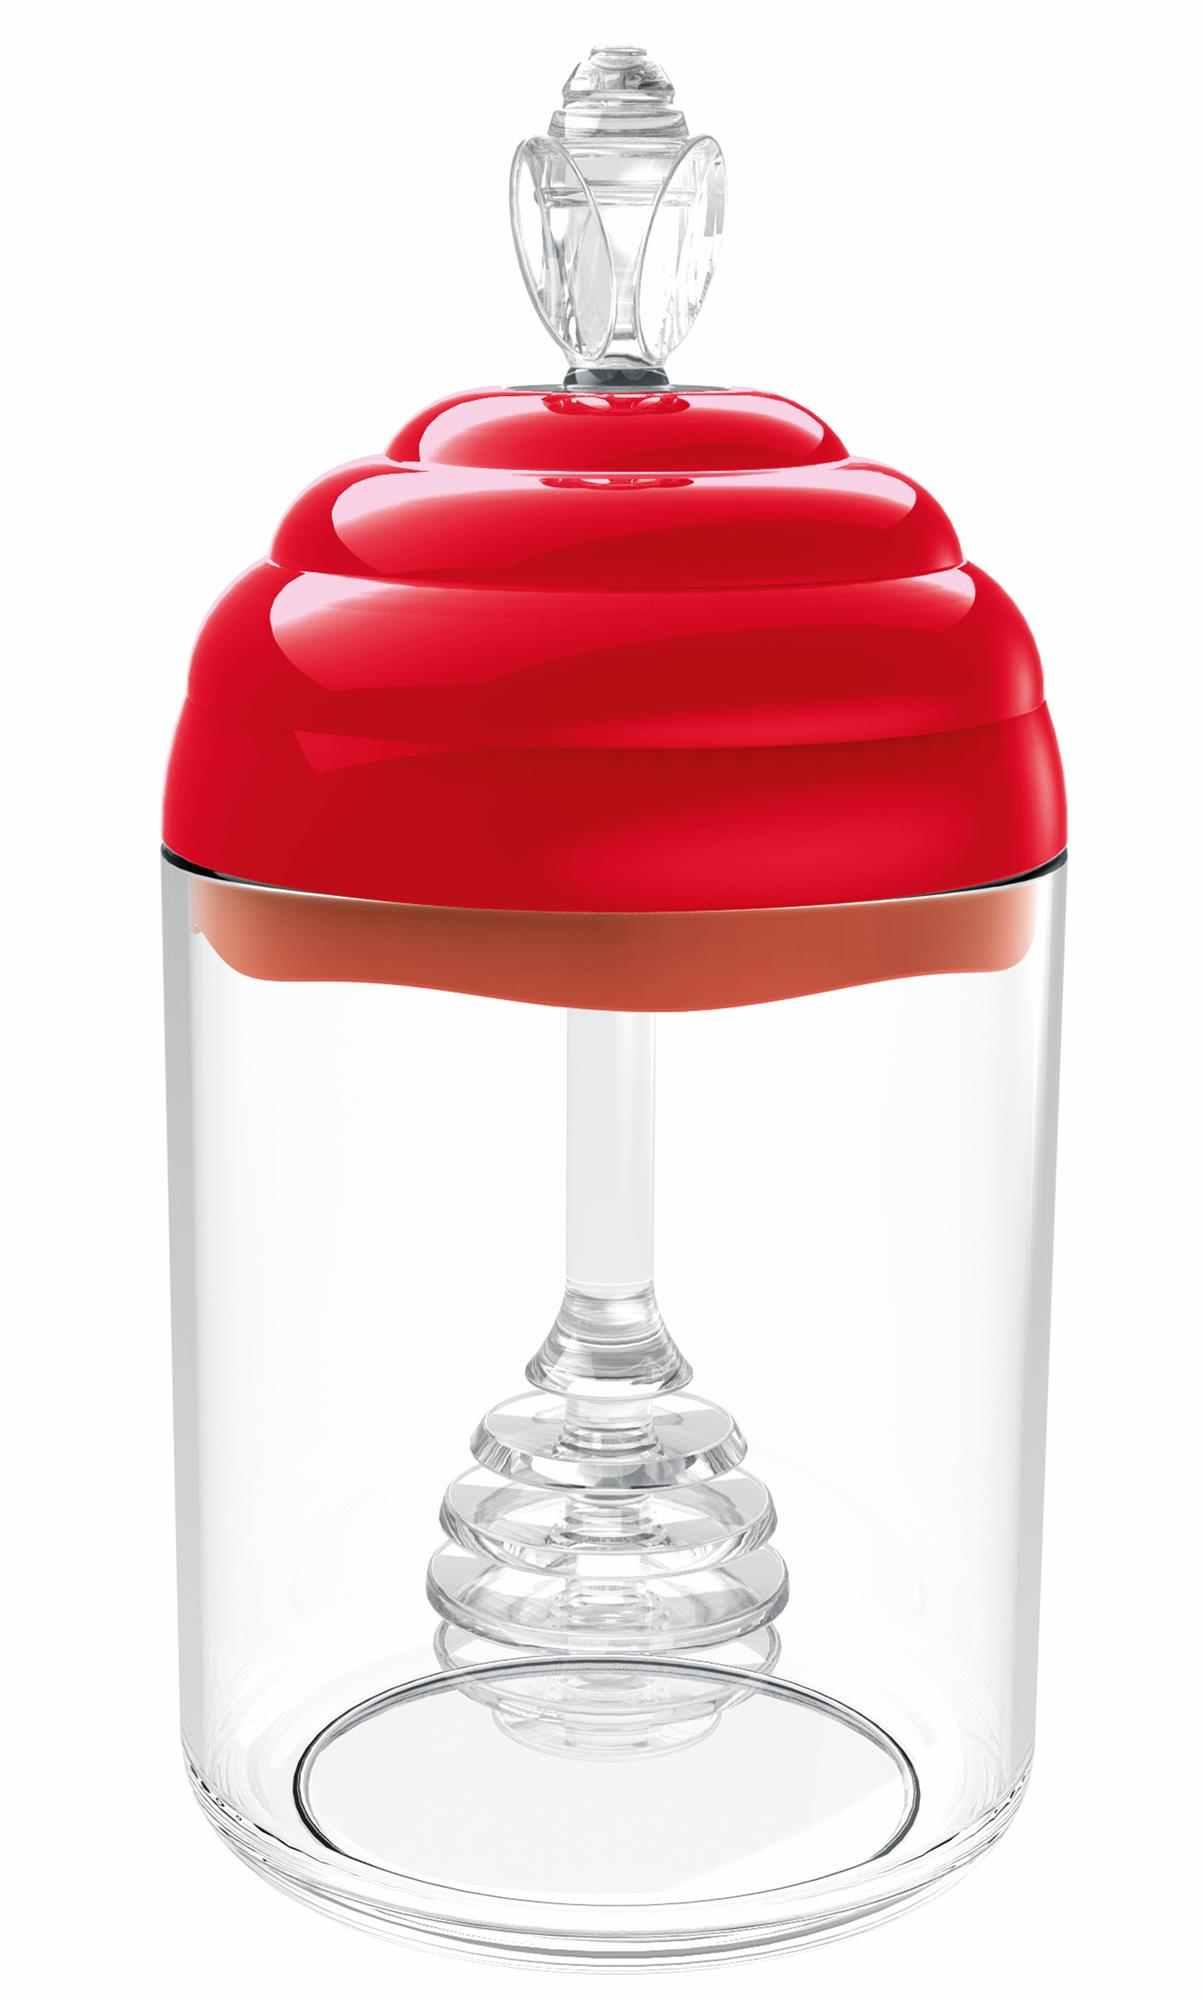 Meleira Porta Mel Vermelho Solido Psf De Plástico Uz Uz139-VM